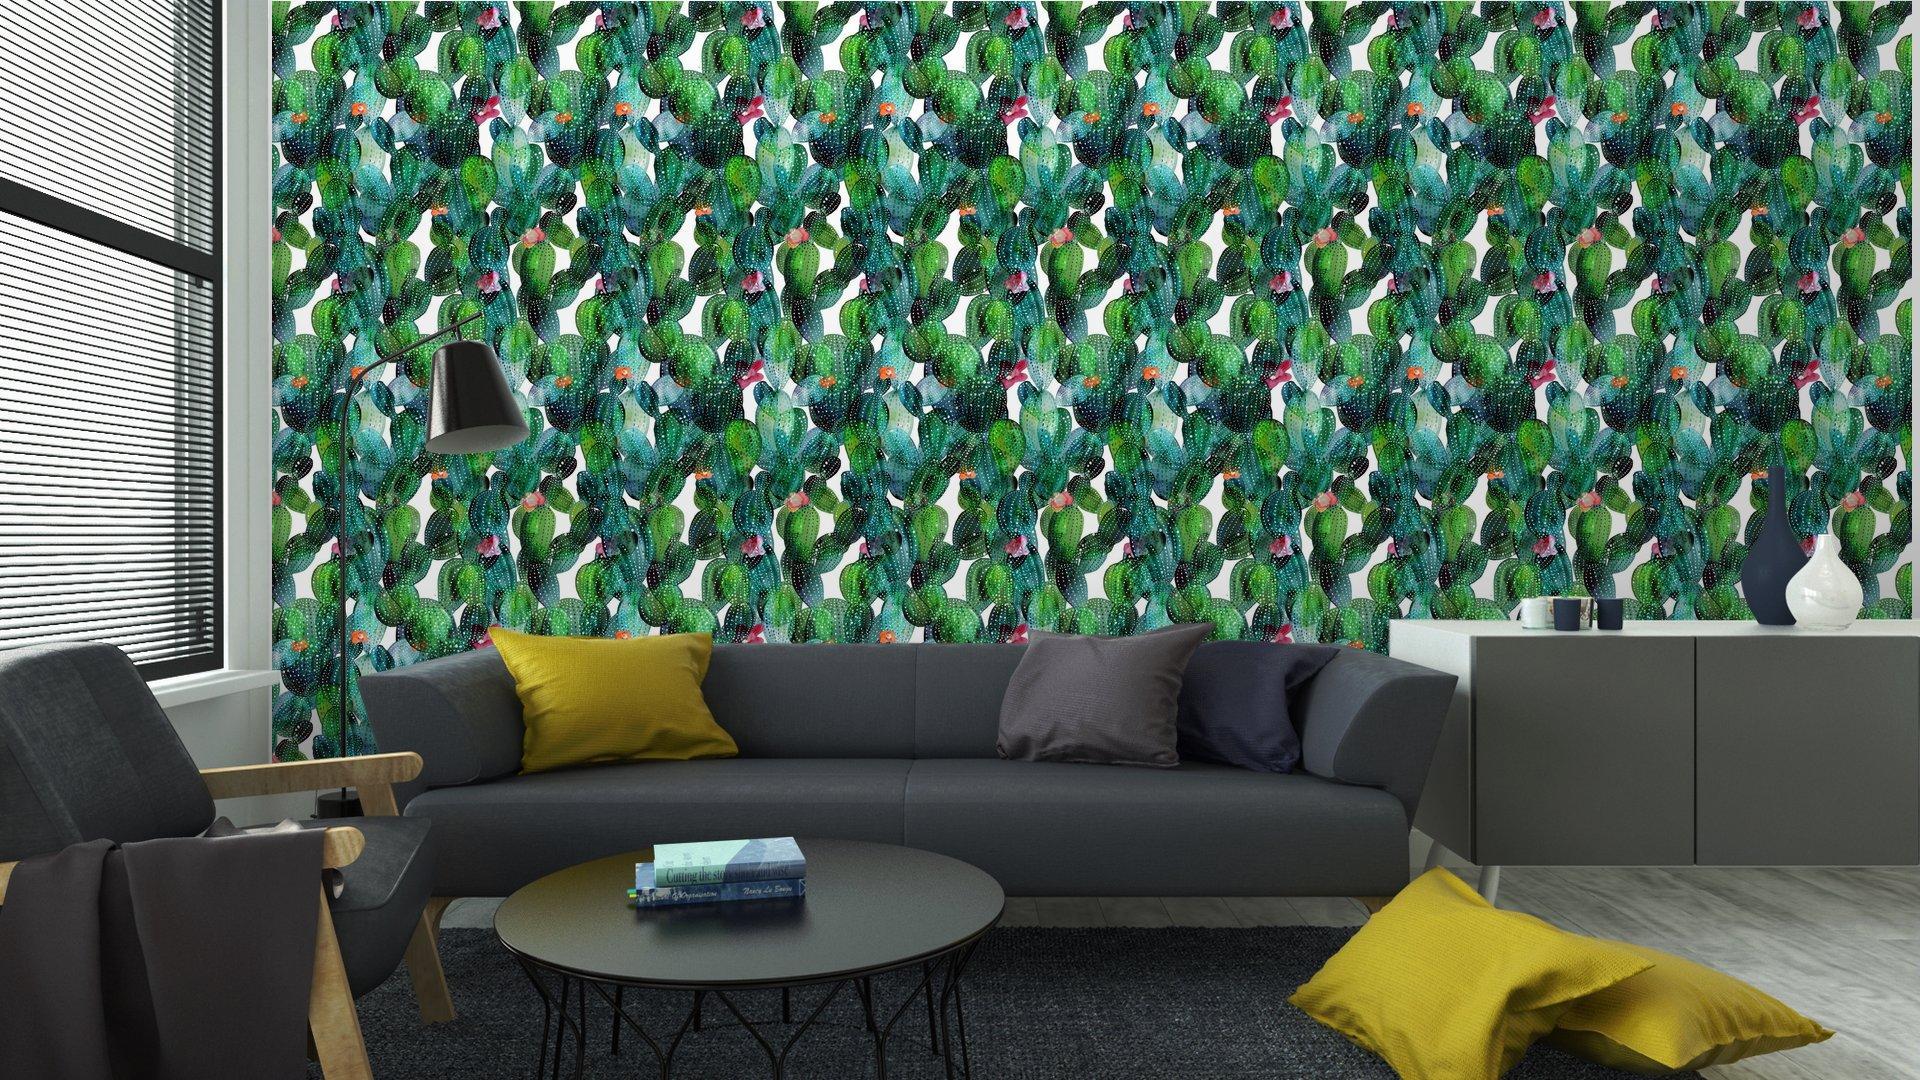 Fotomurales mexico papeles pintados lavables patron de cactus en el estilo de la acuarela 5 - Papel Tapiz Cactus en Fondo Blanco Tipo Acuarela 02